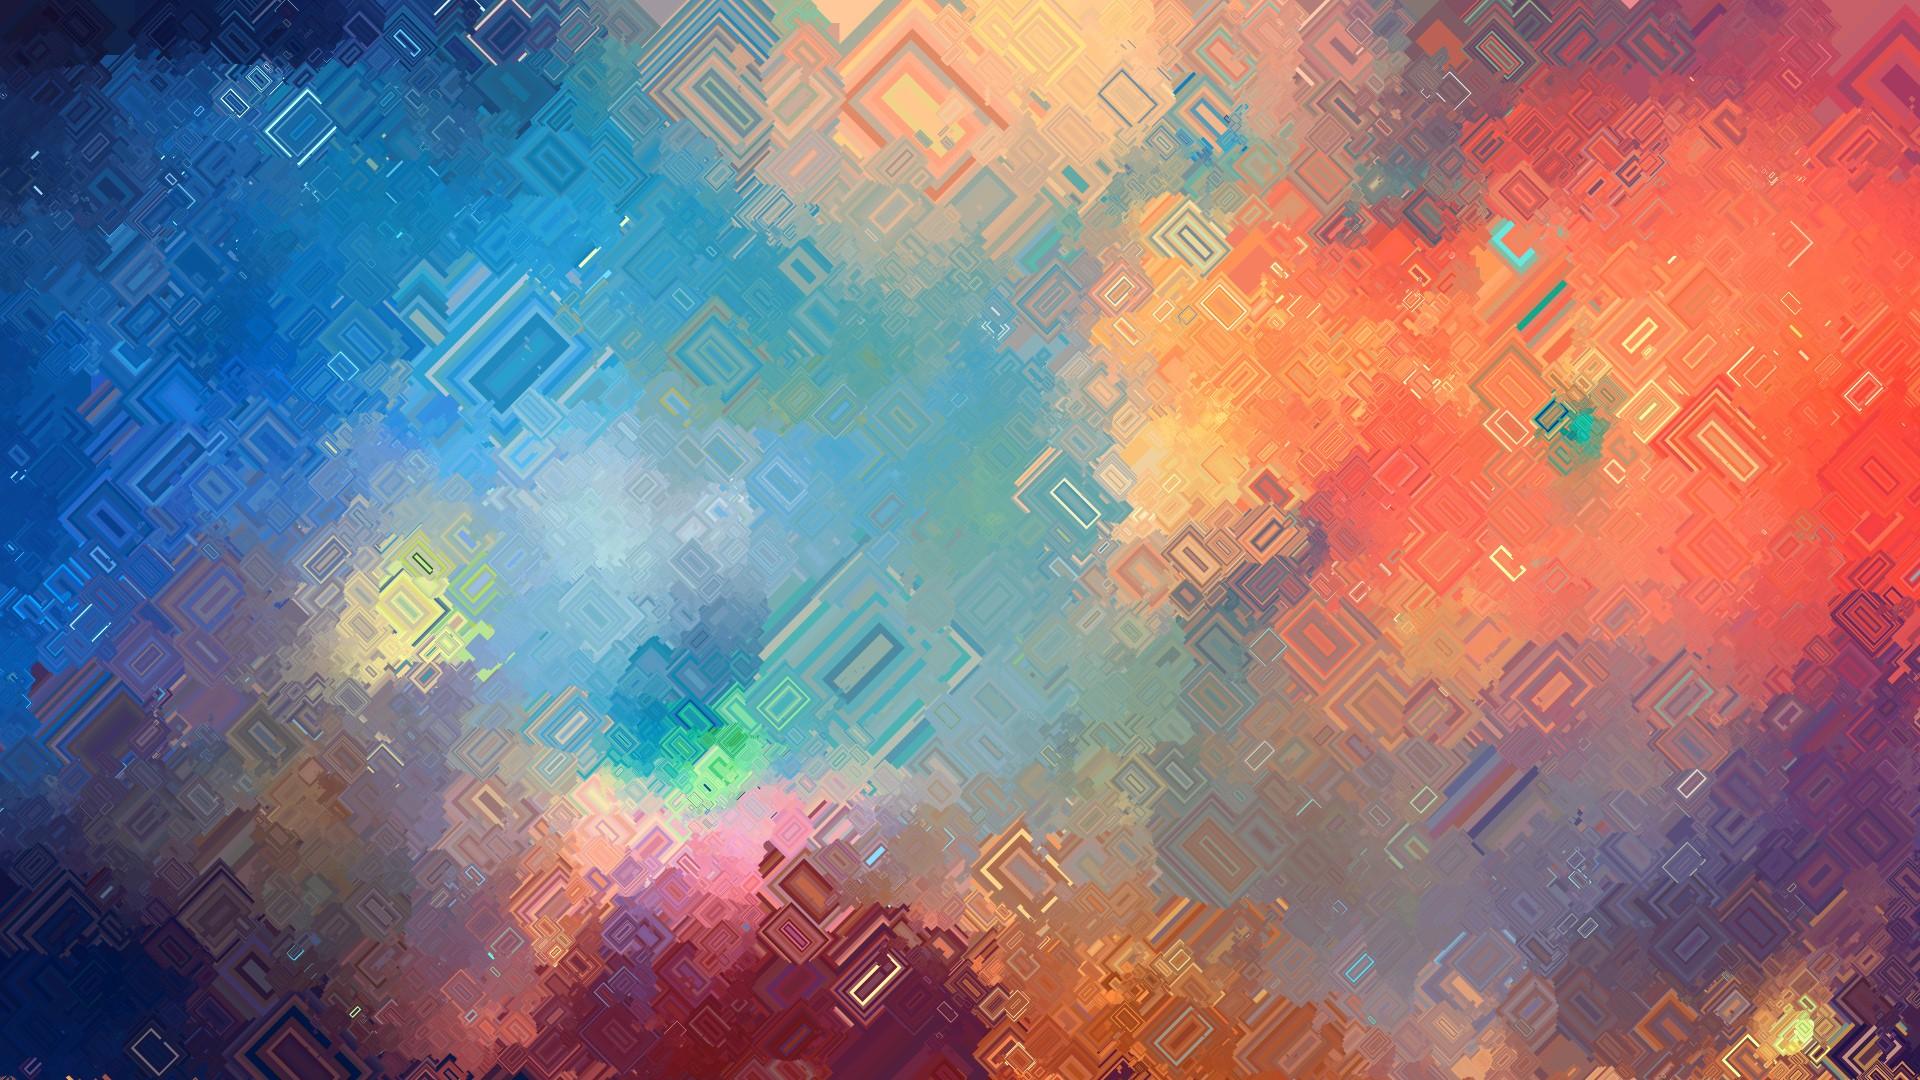 综合  a站发布电脑壁纸,微博发布手机壁纸,喜欢的朋友可以关注 xl微博